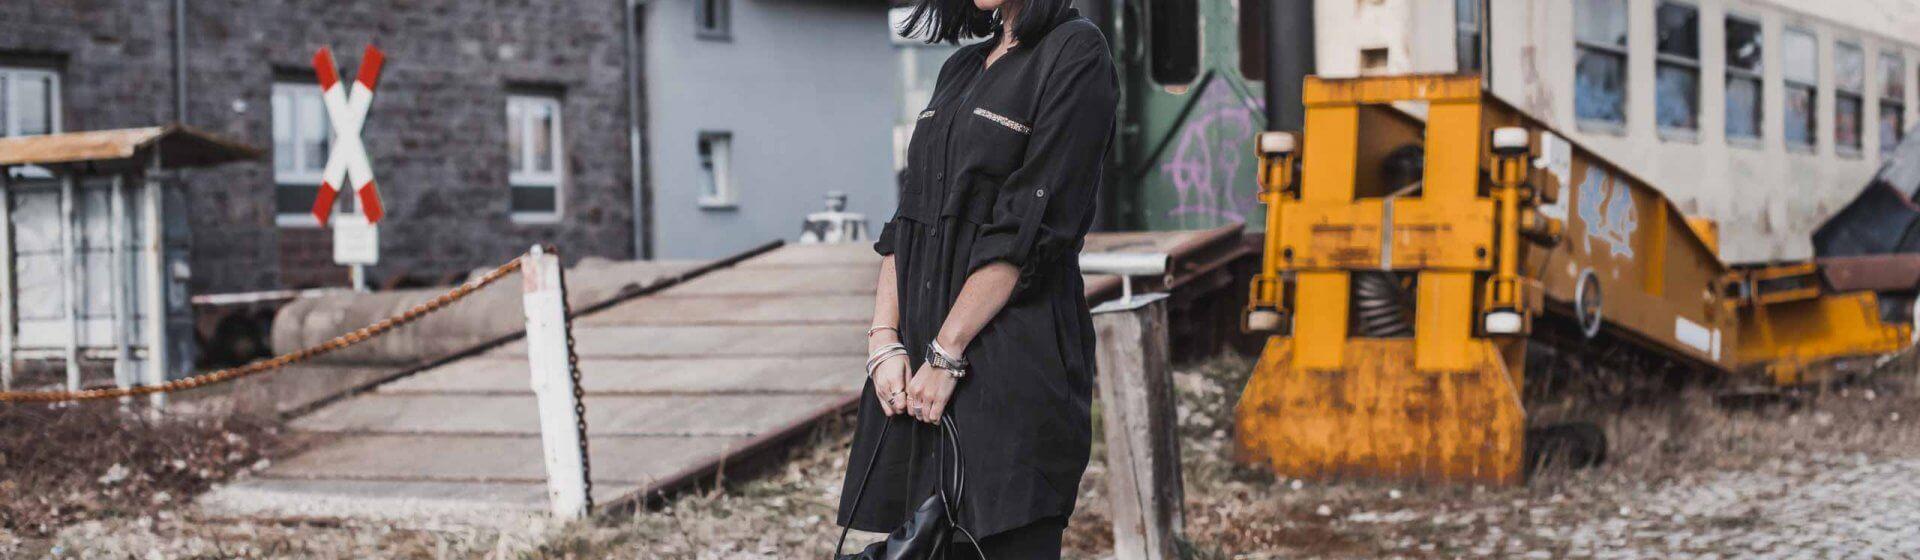 Hemdkleider und warum wir sie lieben Shoelove Deichmann